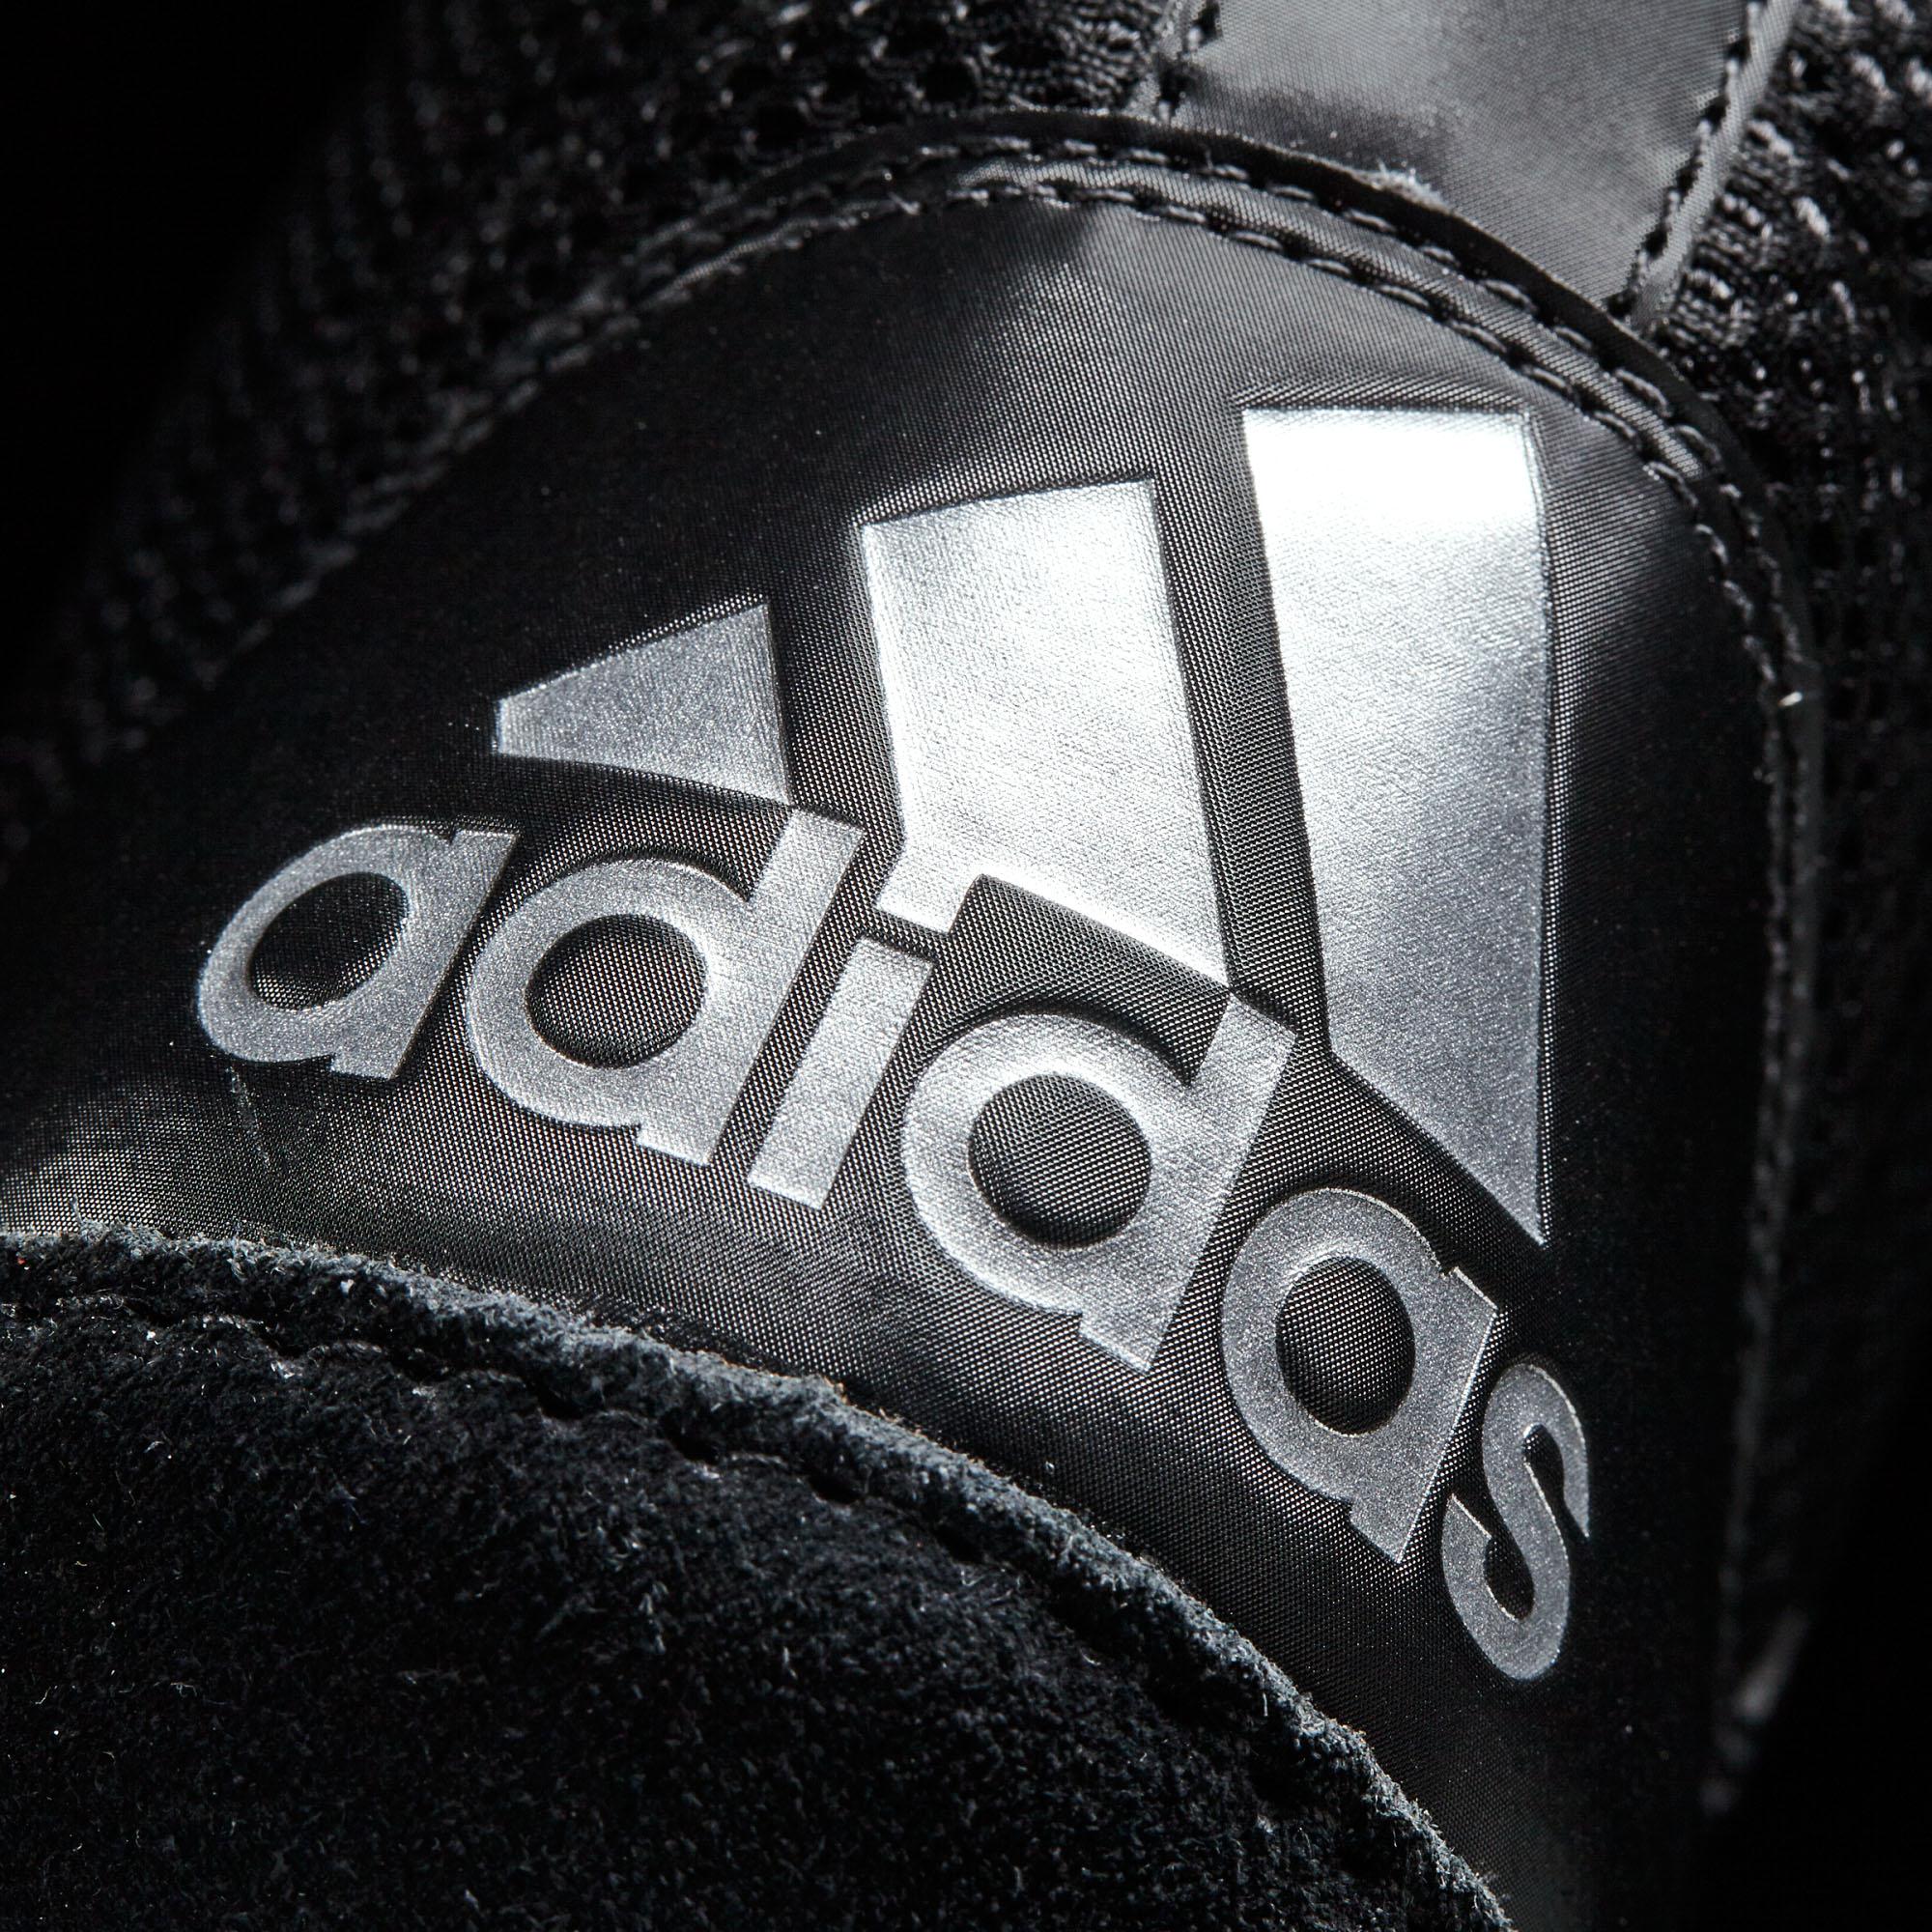 separation shoes 3441f 6891f Adidas Combat Vitesse 5 Hommes Adulte Catch Chaussures De Sport Jeux De  Plein Air